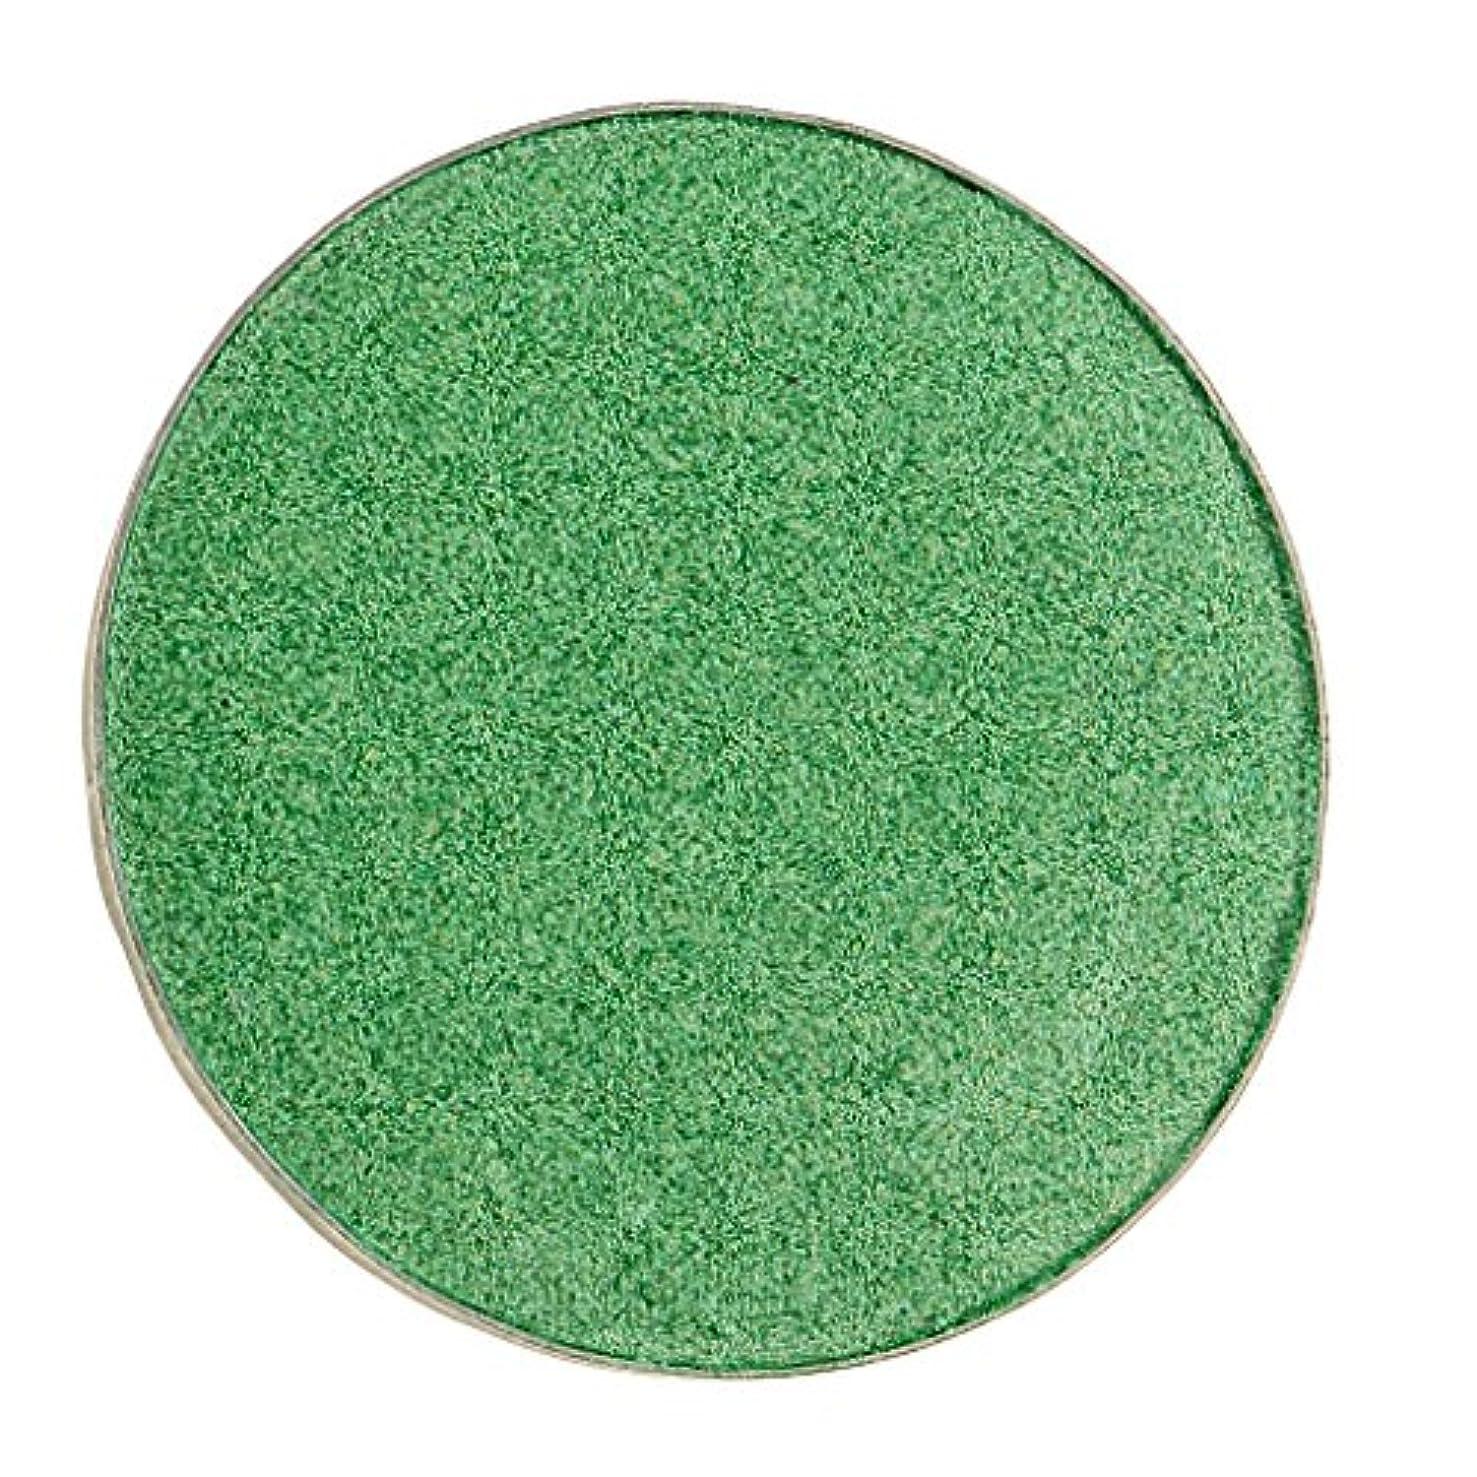 参照日食ステレオBaosity 化粧品用 アイシャドウ ハイライター パレット マット シマー アイシャドーメイク 目 魅力的 全5色 - #38グリーン